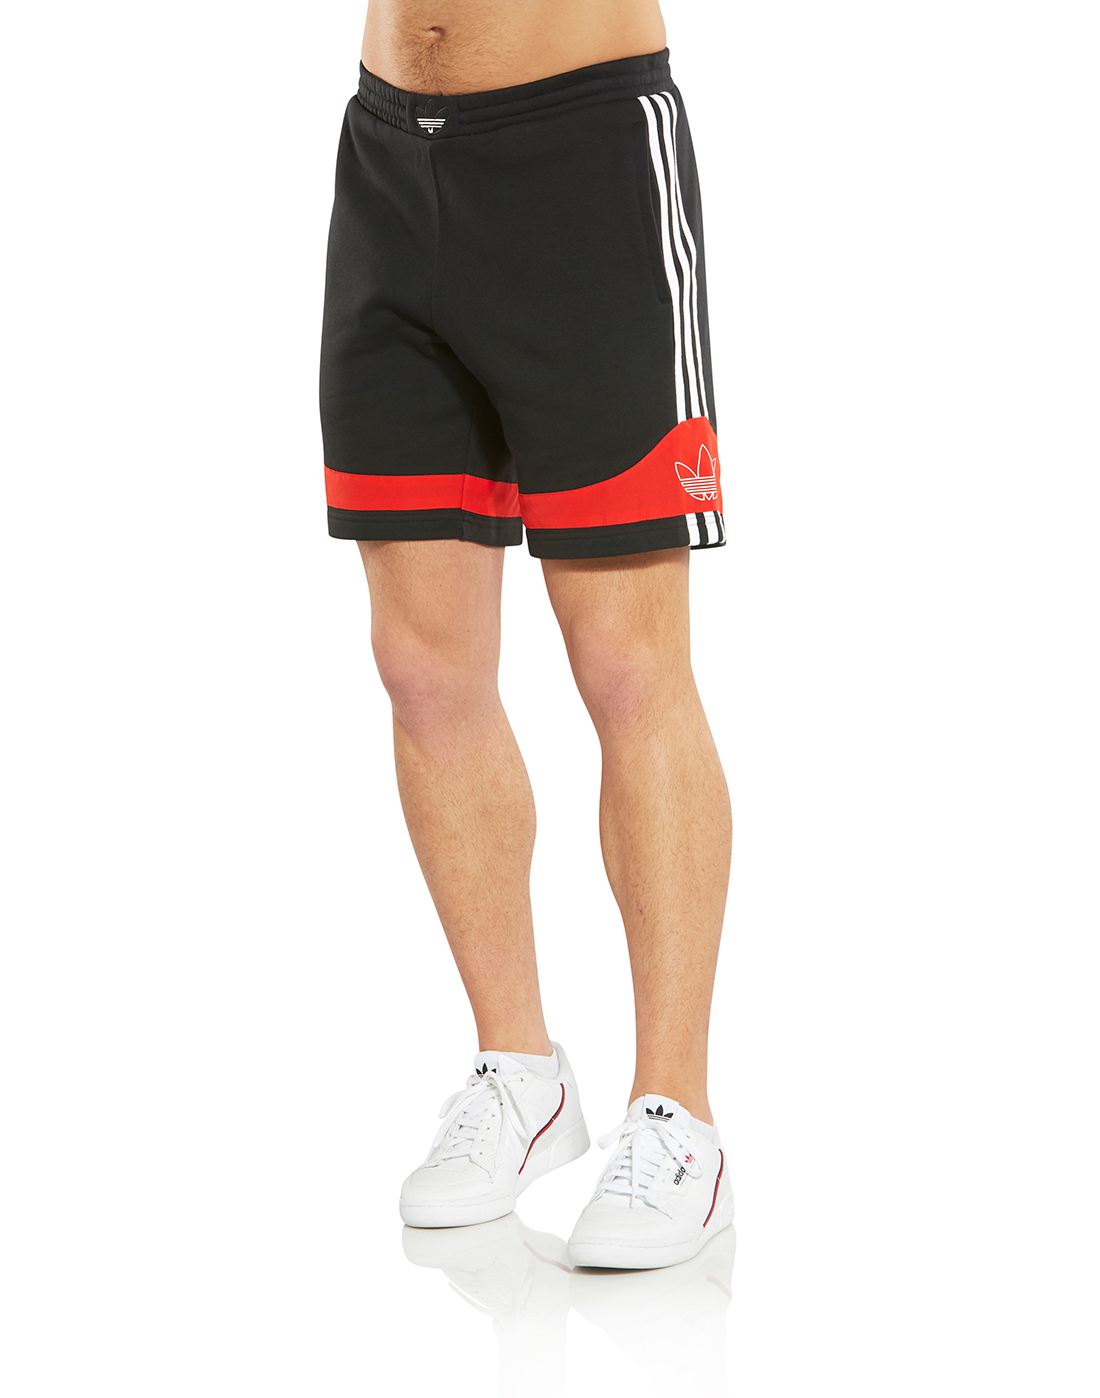 364ea770e73c2 Mens Trefoil Shorts